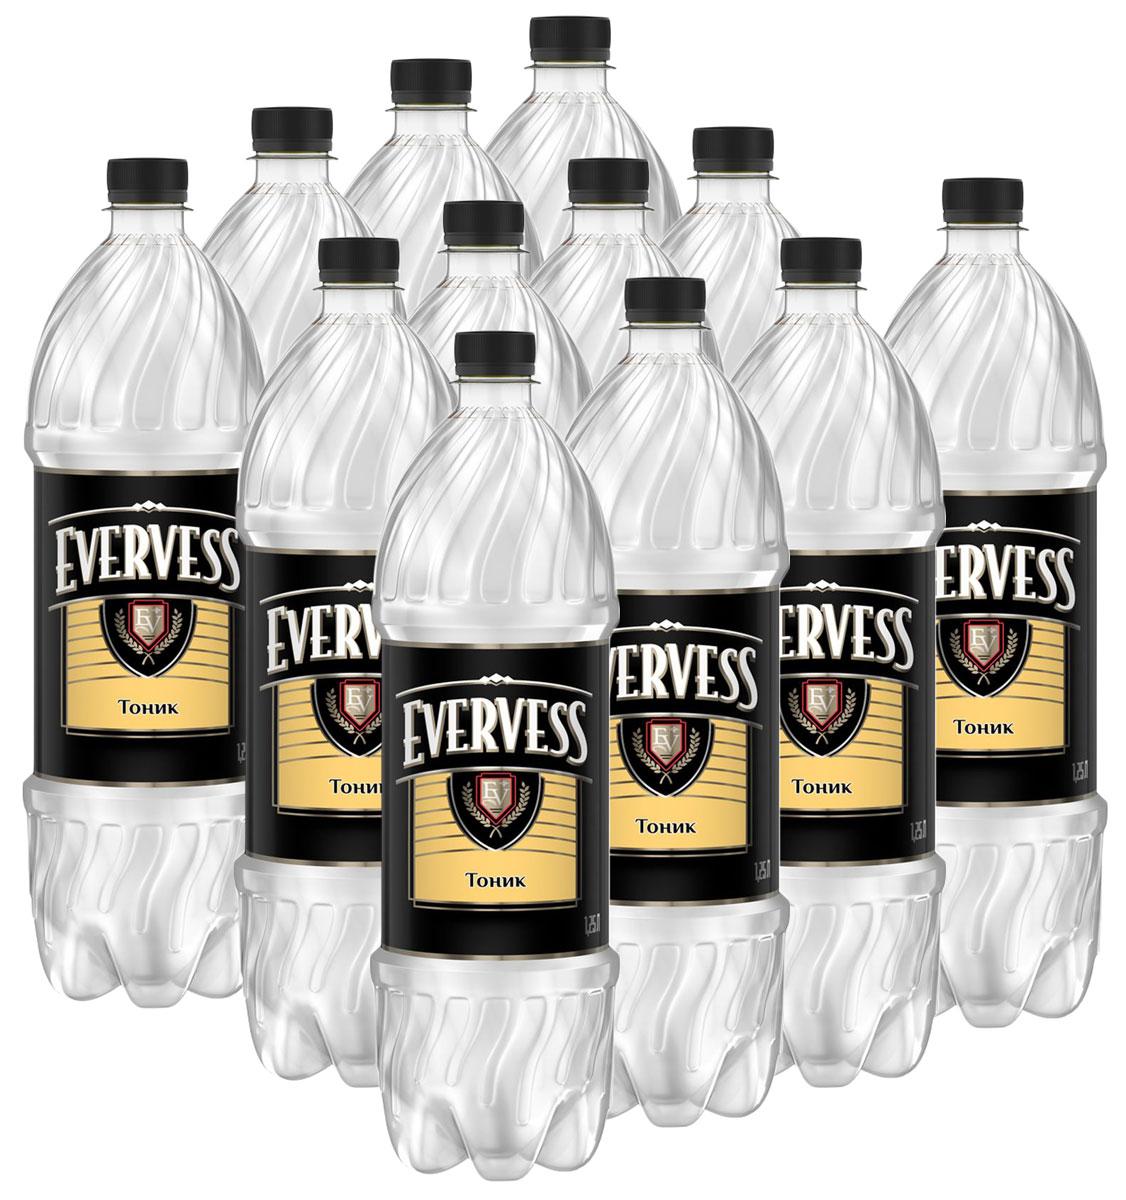 Evervess Тоник напиток сильногазированный, 12 штук по 1,25 л340023939_блокиИзвестные на весь мир тоники. Идеально подходят для приготовления коктейлей.О бренде:Известный на весь мир бренд тоников Evervess. Тоники обладают освежающим вкусом с характерной горчинкой, идеально подходящим для приготовления коктейлей.